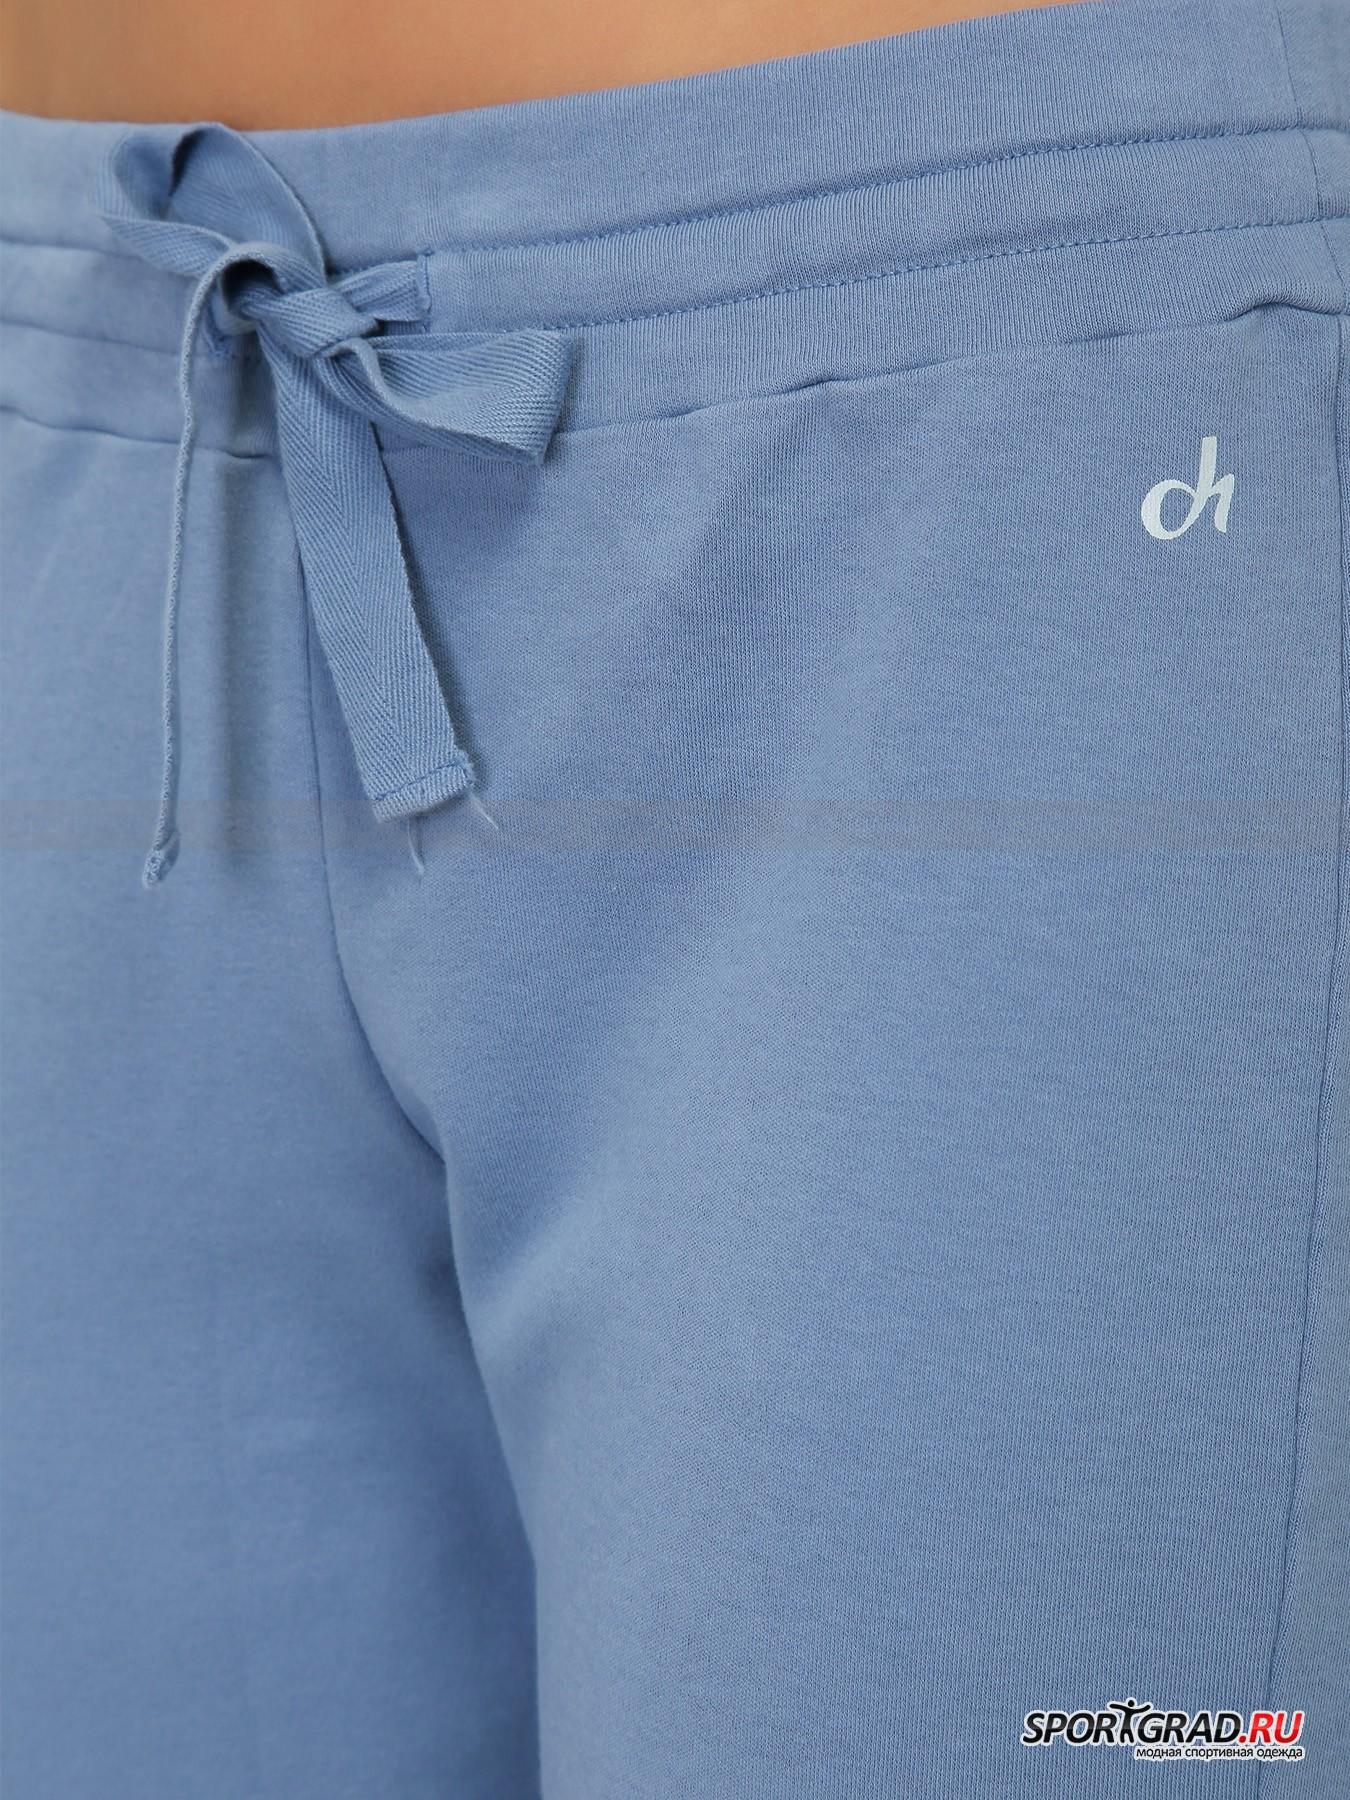 Брюки женские спортивные Pants DEHA от Спортград